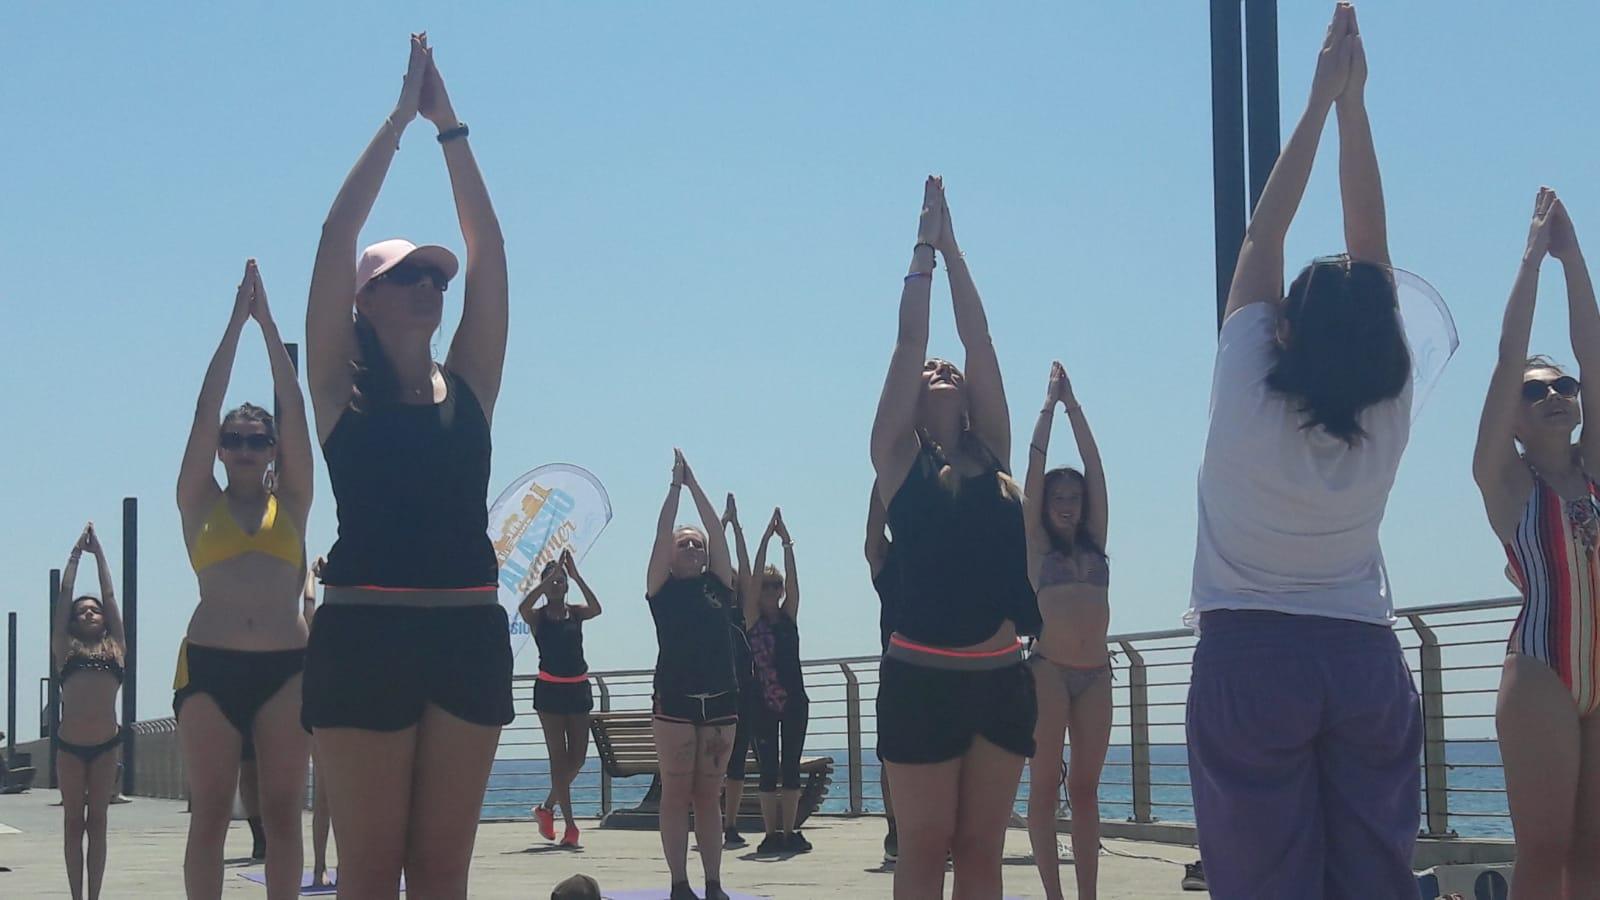 essere-free-yoga-gratuito-benessere-per-tutti-village-citta-alassio-estate-lucia-ragazzi-summer-town-wellness-070